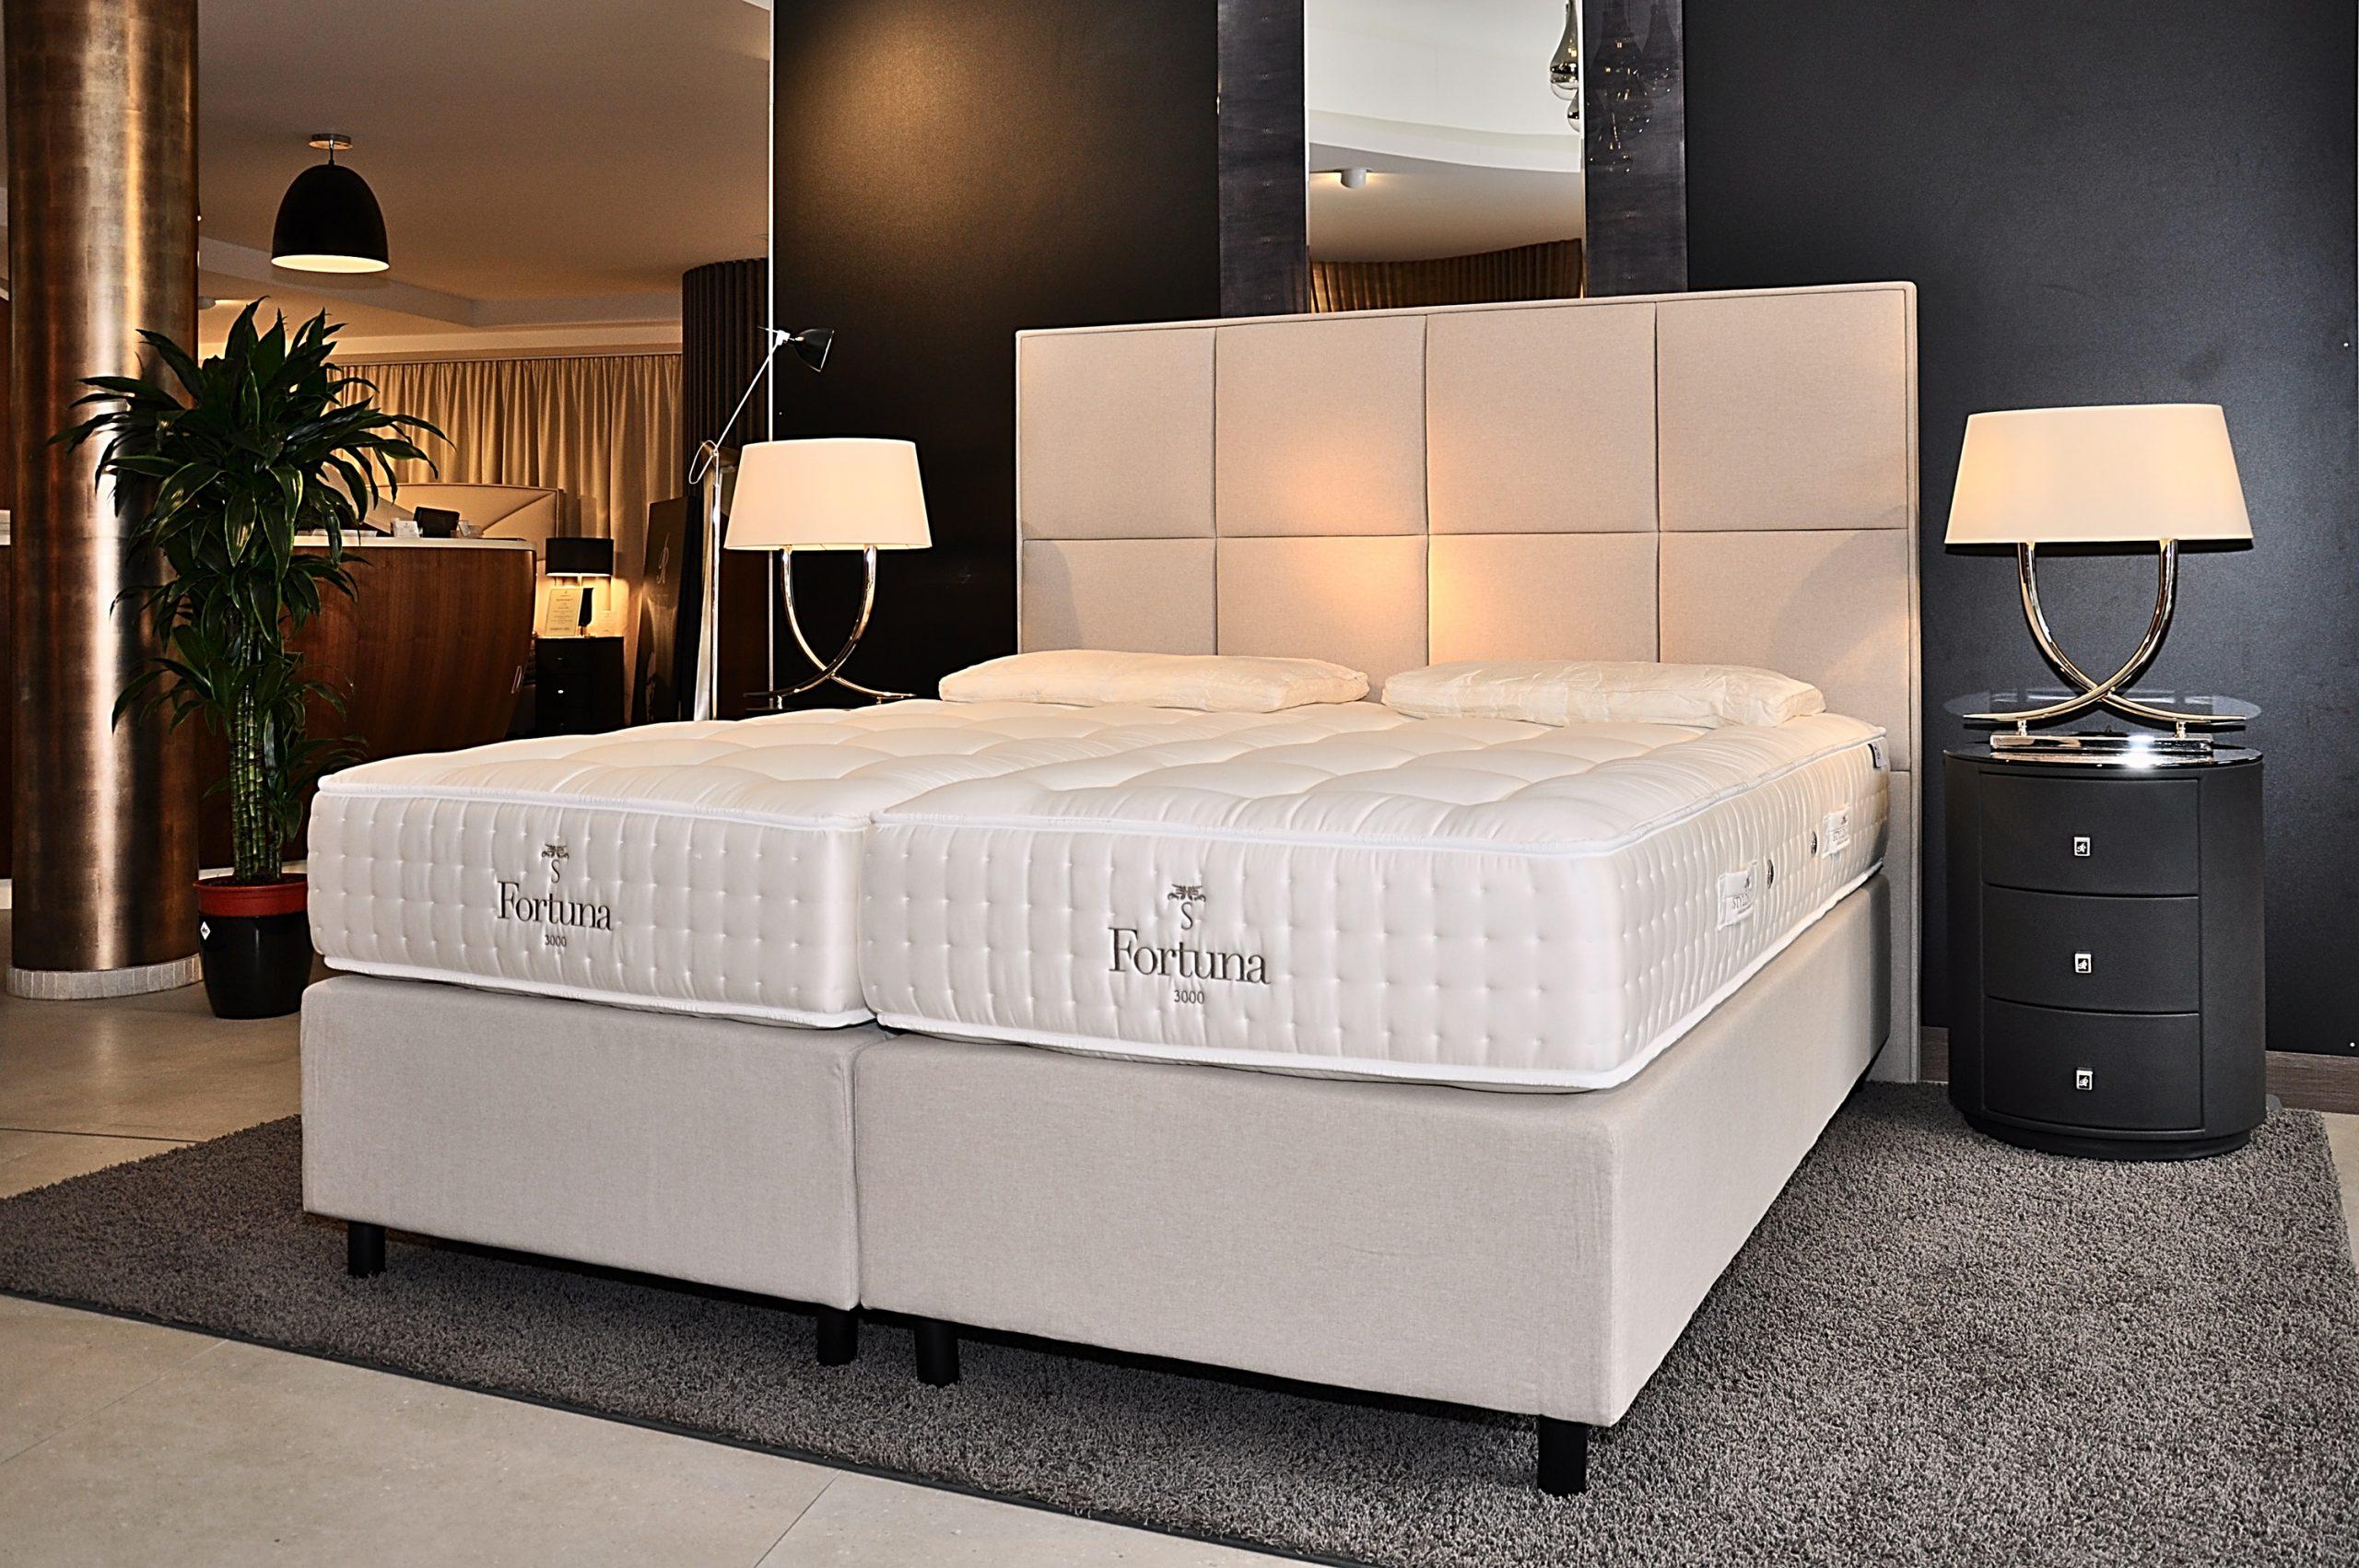 Full Size of Betten Kln 200x200 Düsseldorf Gebrauchte Französische Balinesische Bei Ikea Test Ruf Berlin Schlafzimmer Amazon 160x200 Billige 120x200 Massiv Breckle Jugend Bett Betten Köln